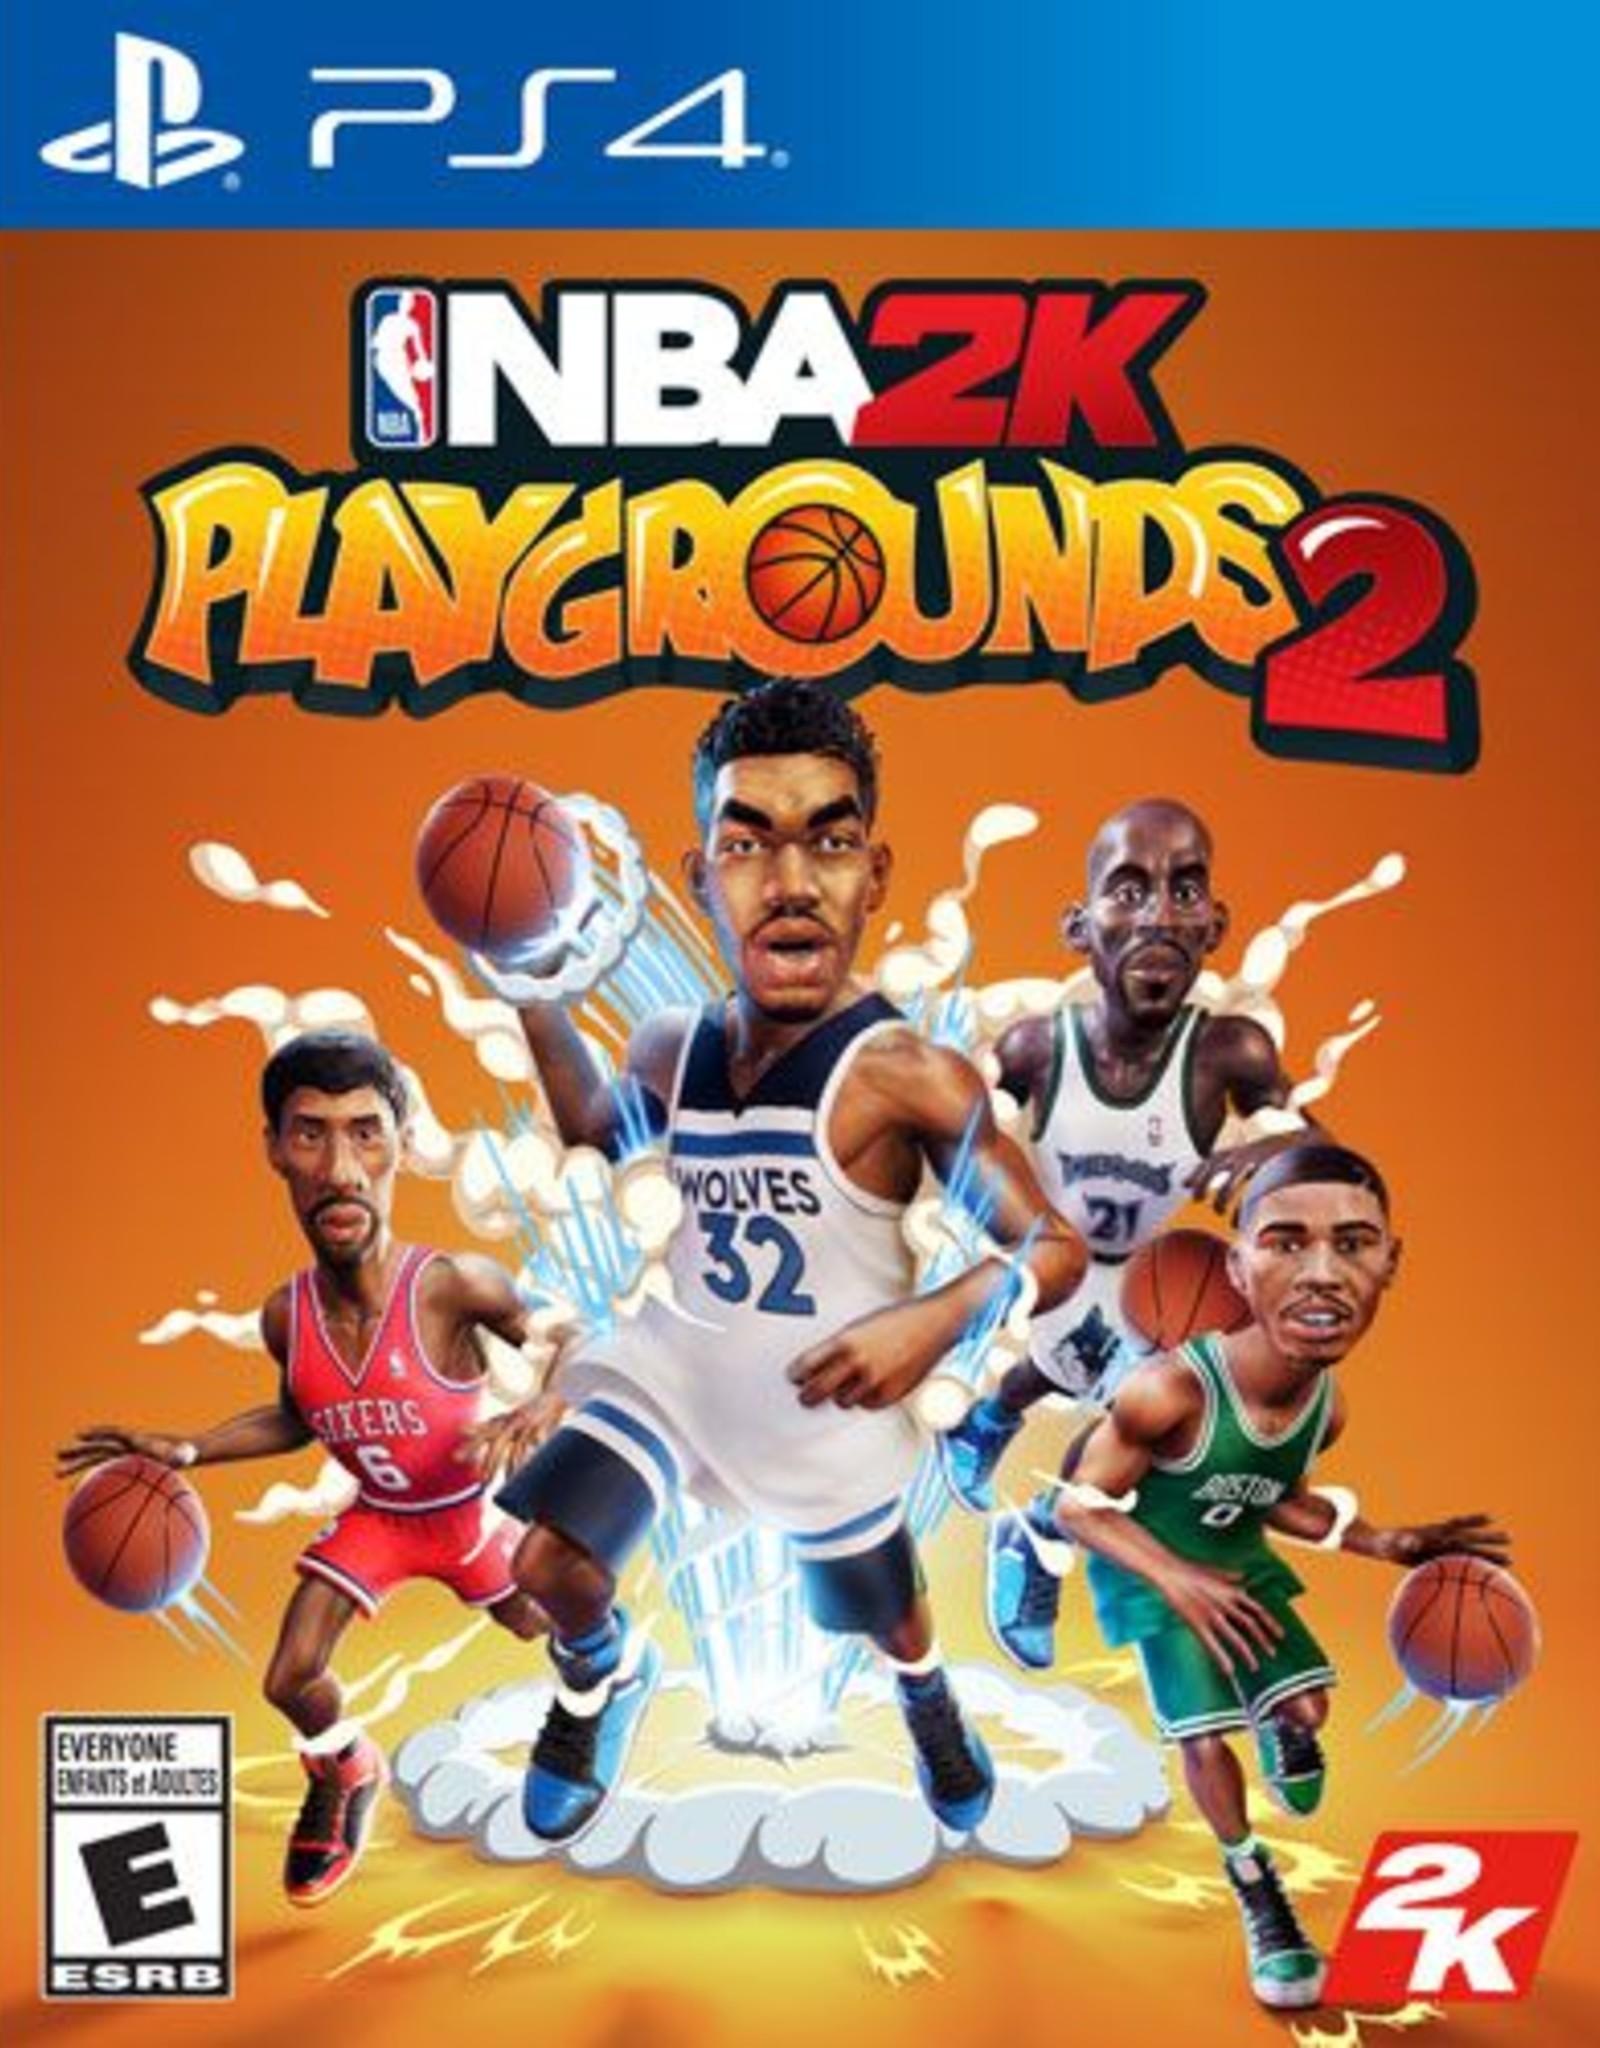 NBA 2K Playgrounds 2 -PS4 DIGITAL